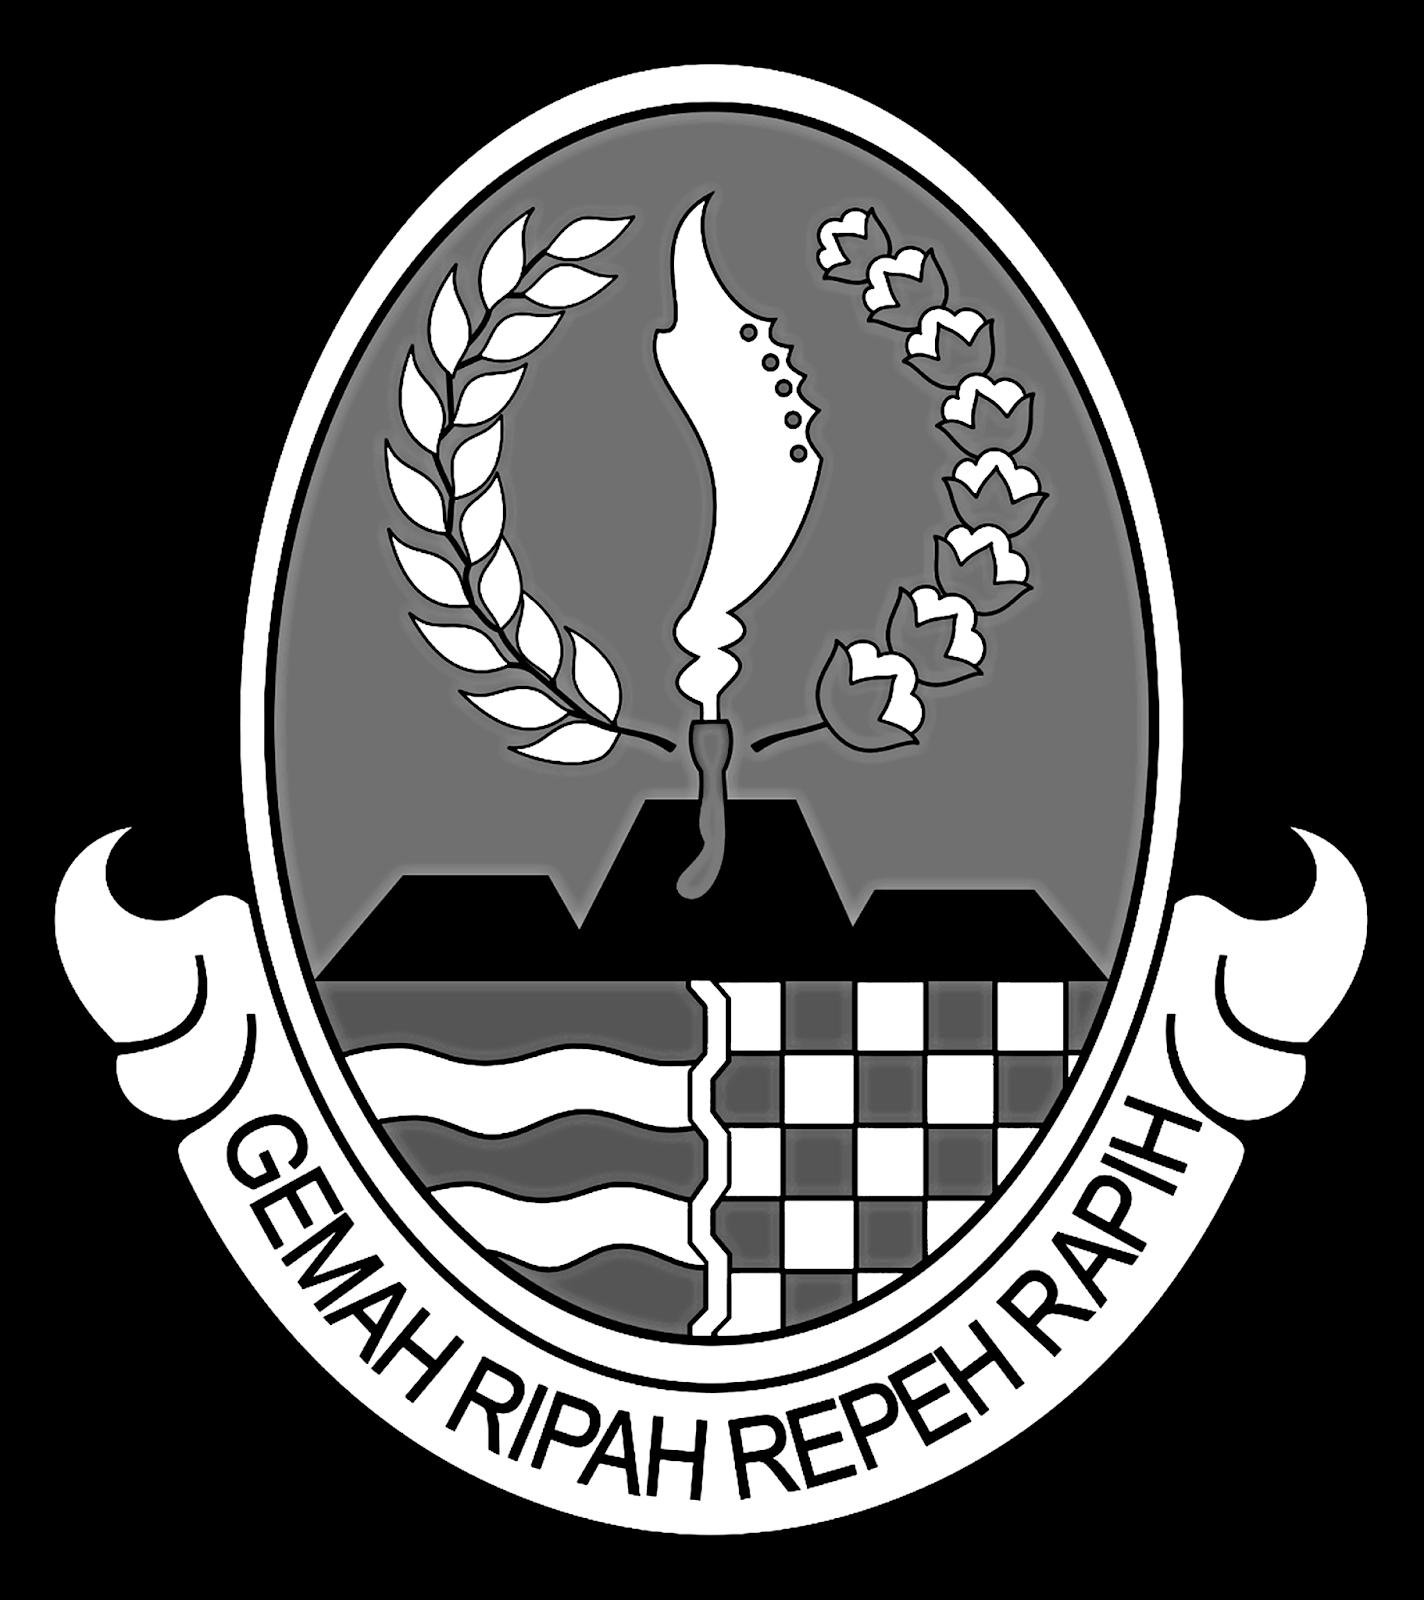 logo kabupaten bandung png 9